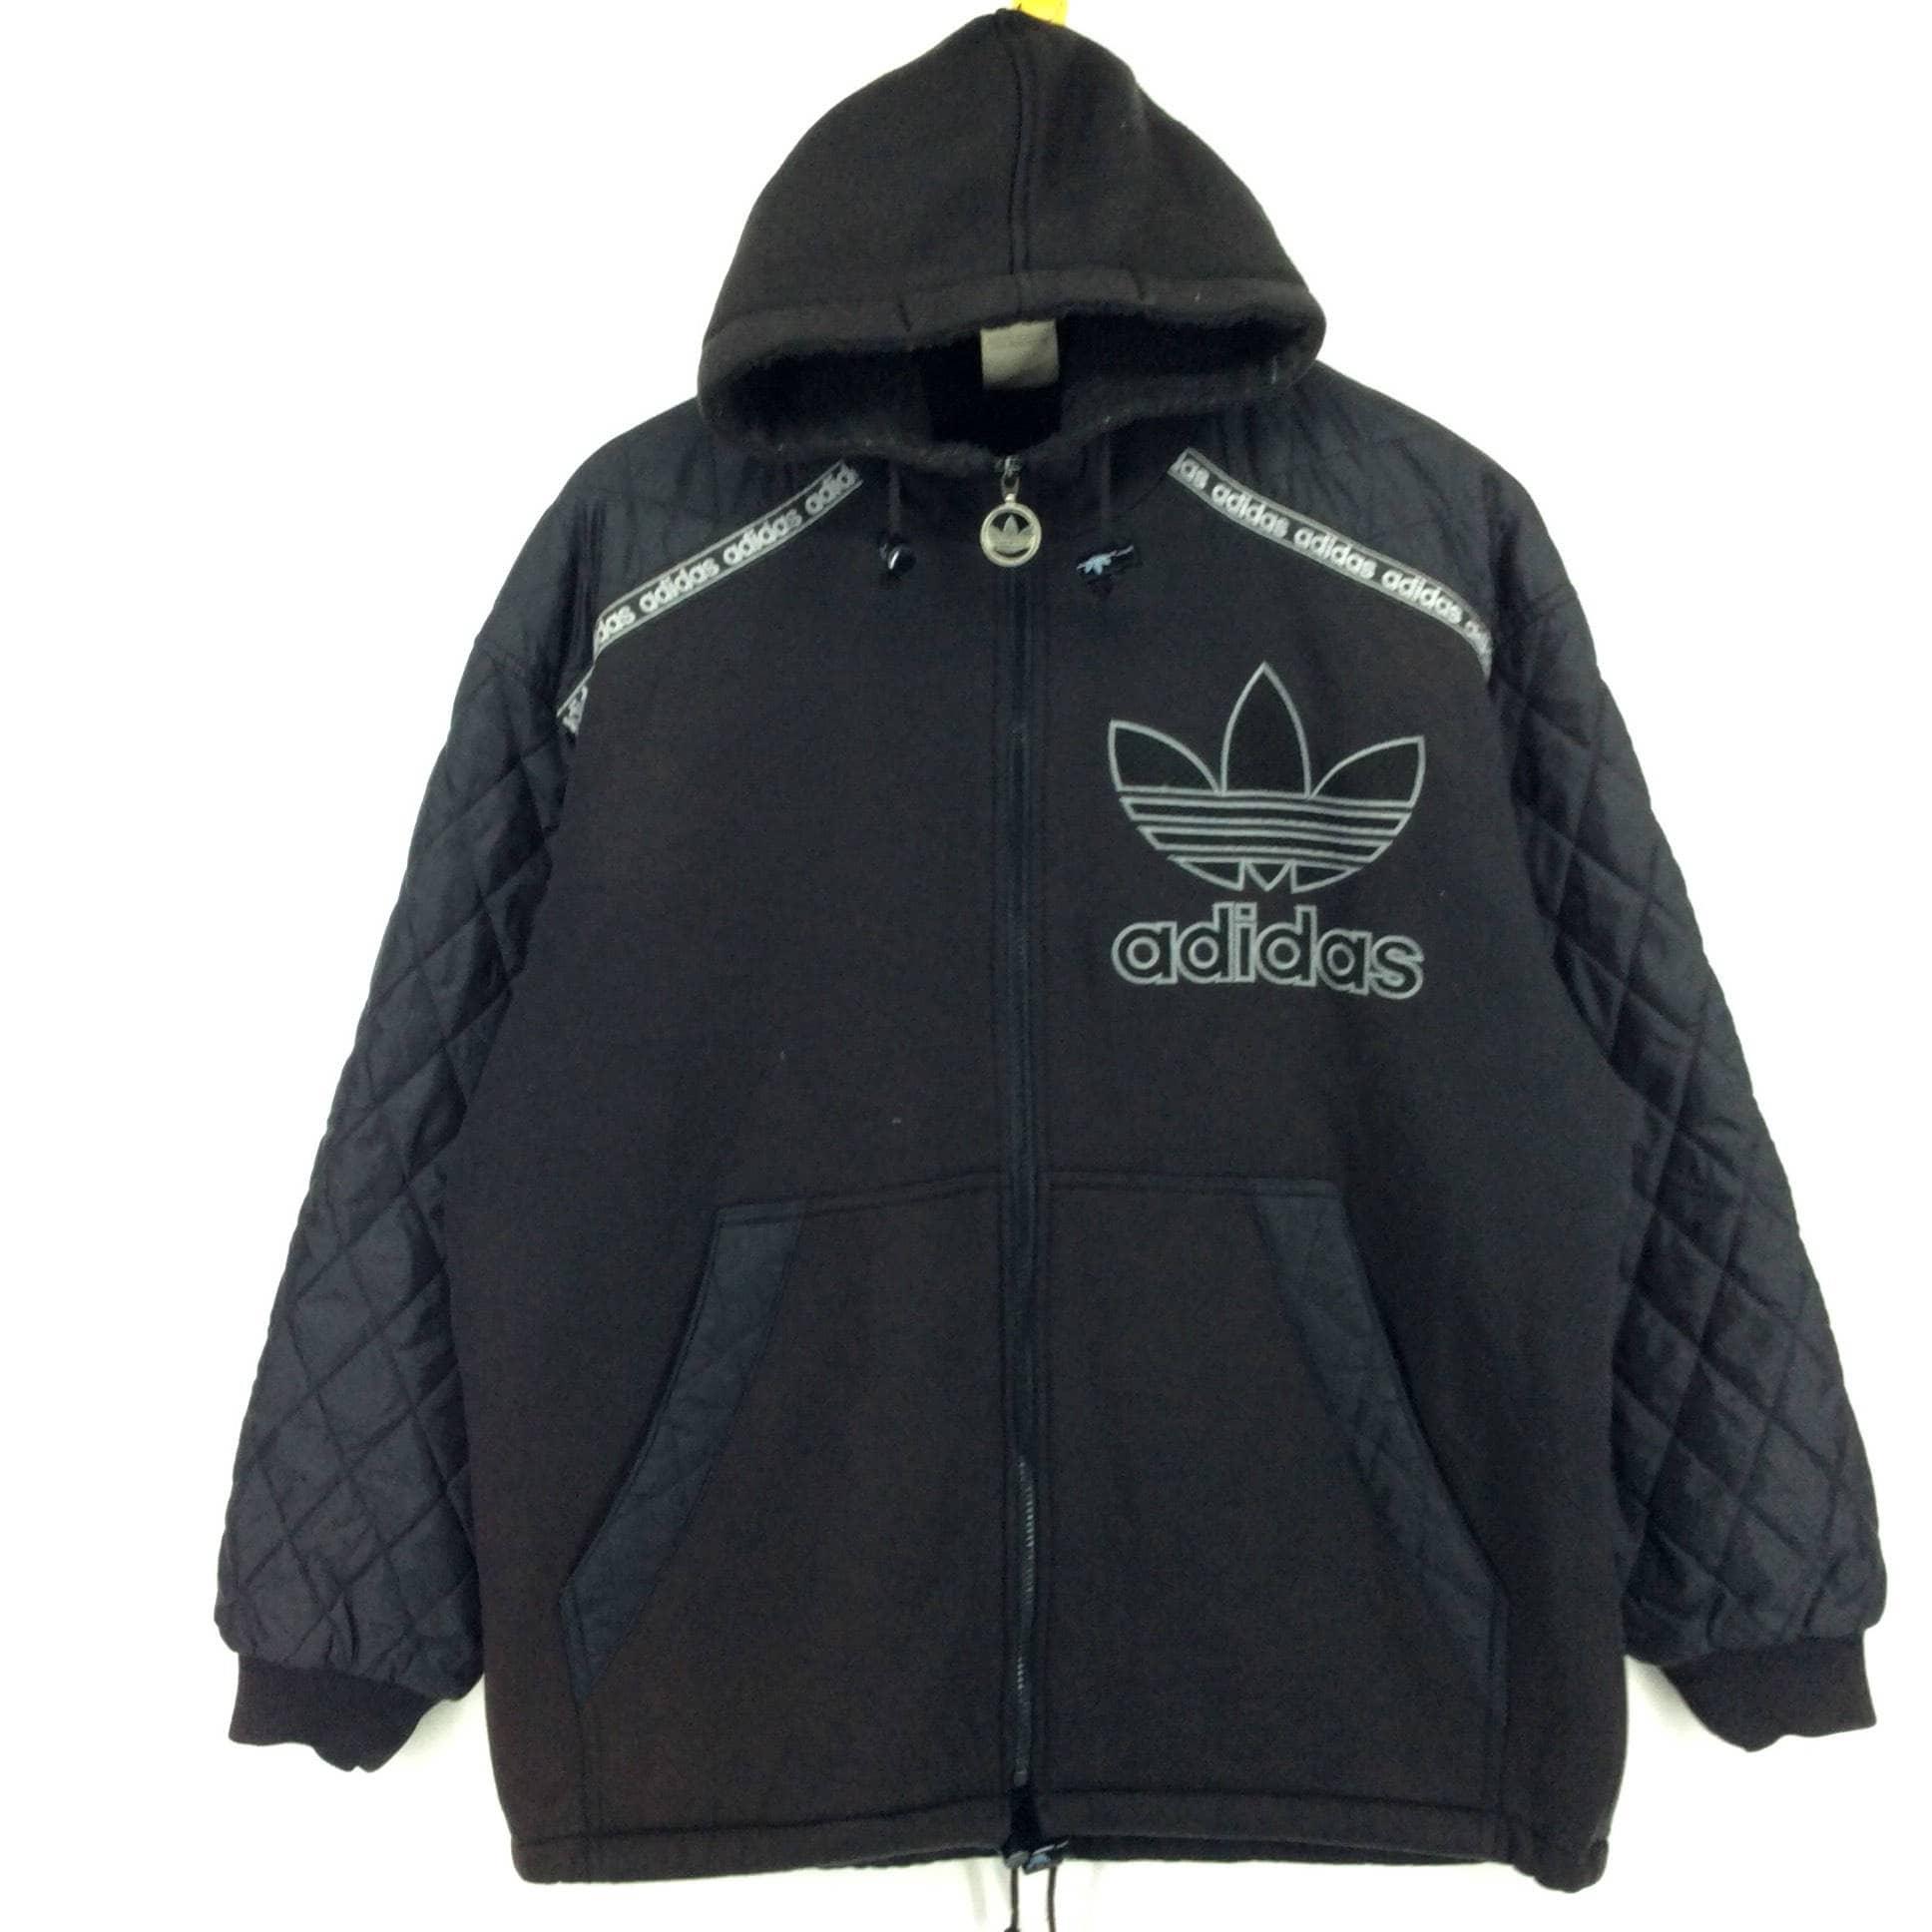 c87224e692add Vintage Adidas Hoodie Jacket   Adidas Trefoil Multicolor     Etsy